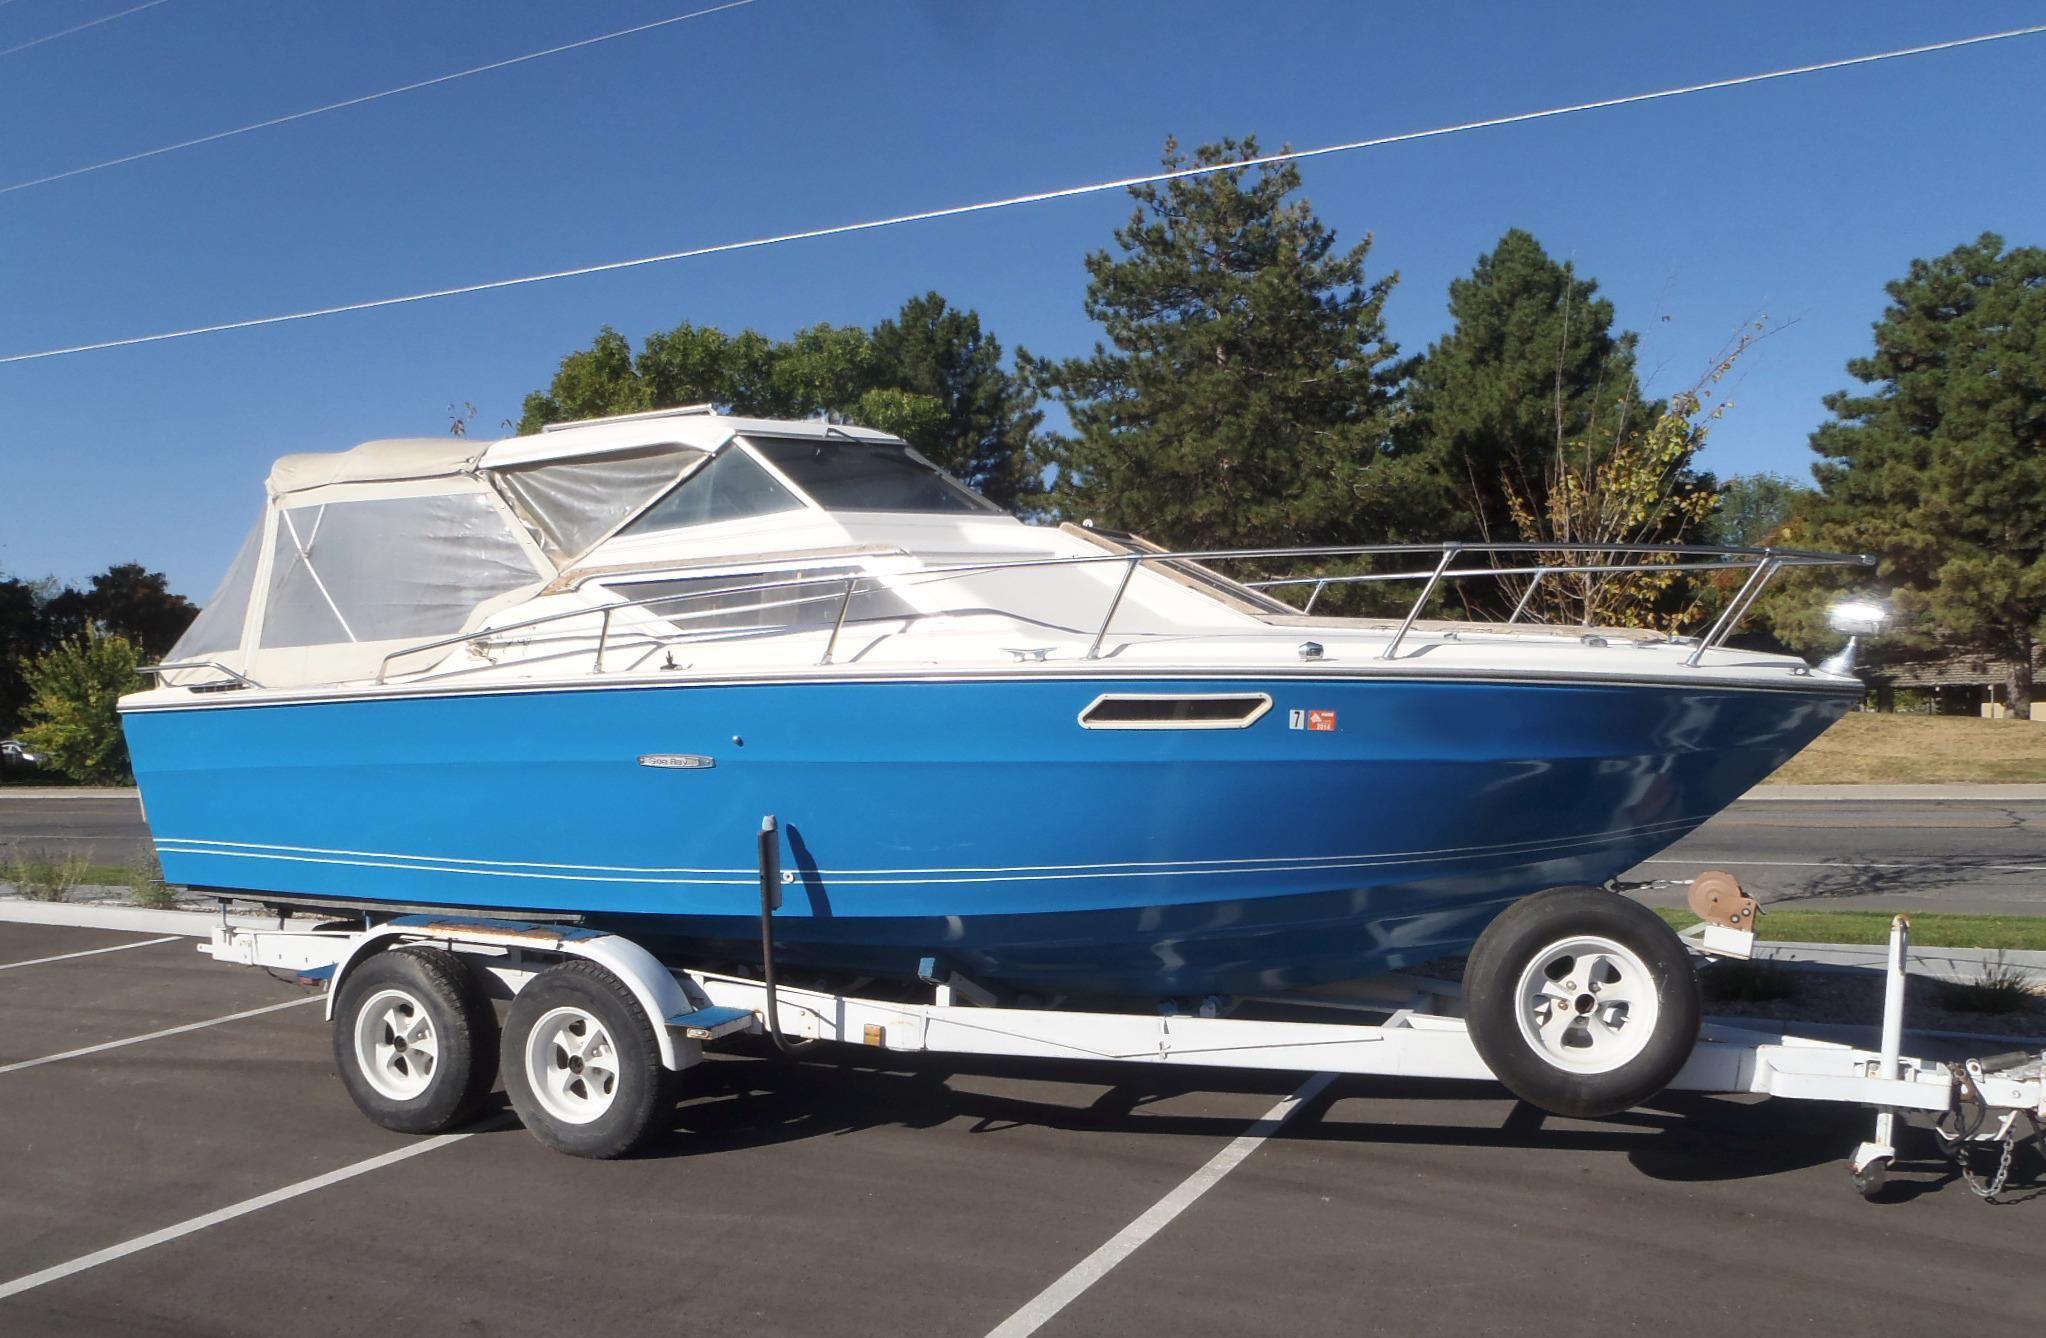 1974 Sea Ray Srv Hardtop Cuddy Power Boat For Sale Www